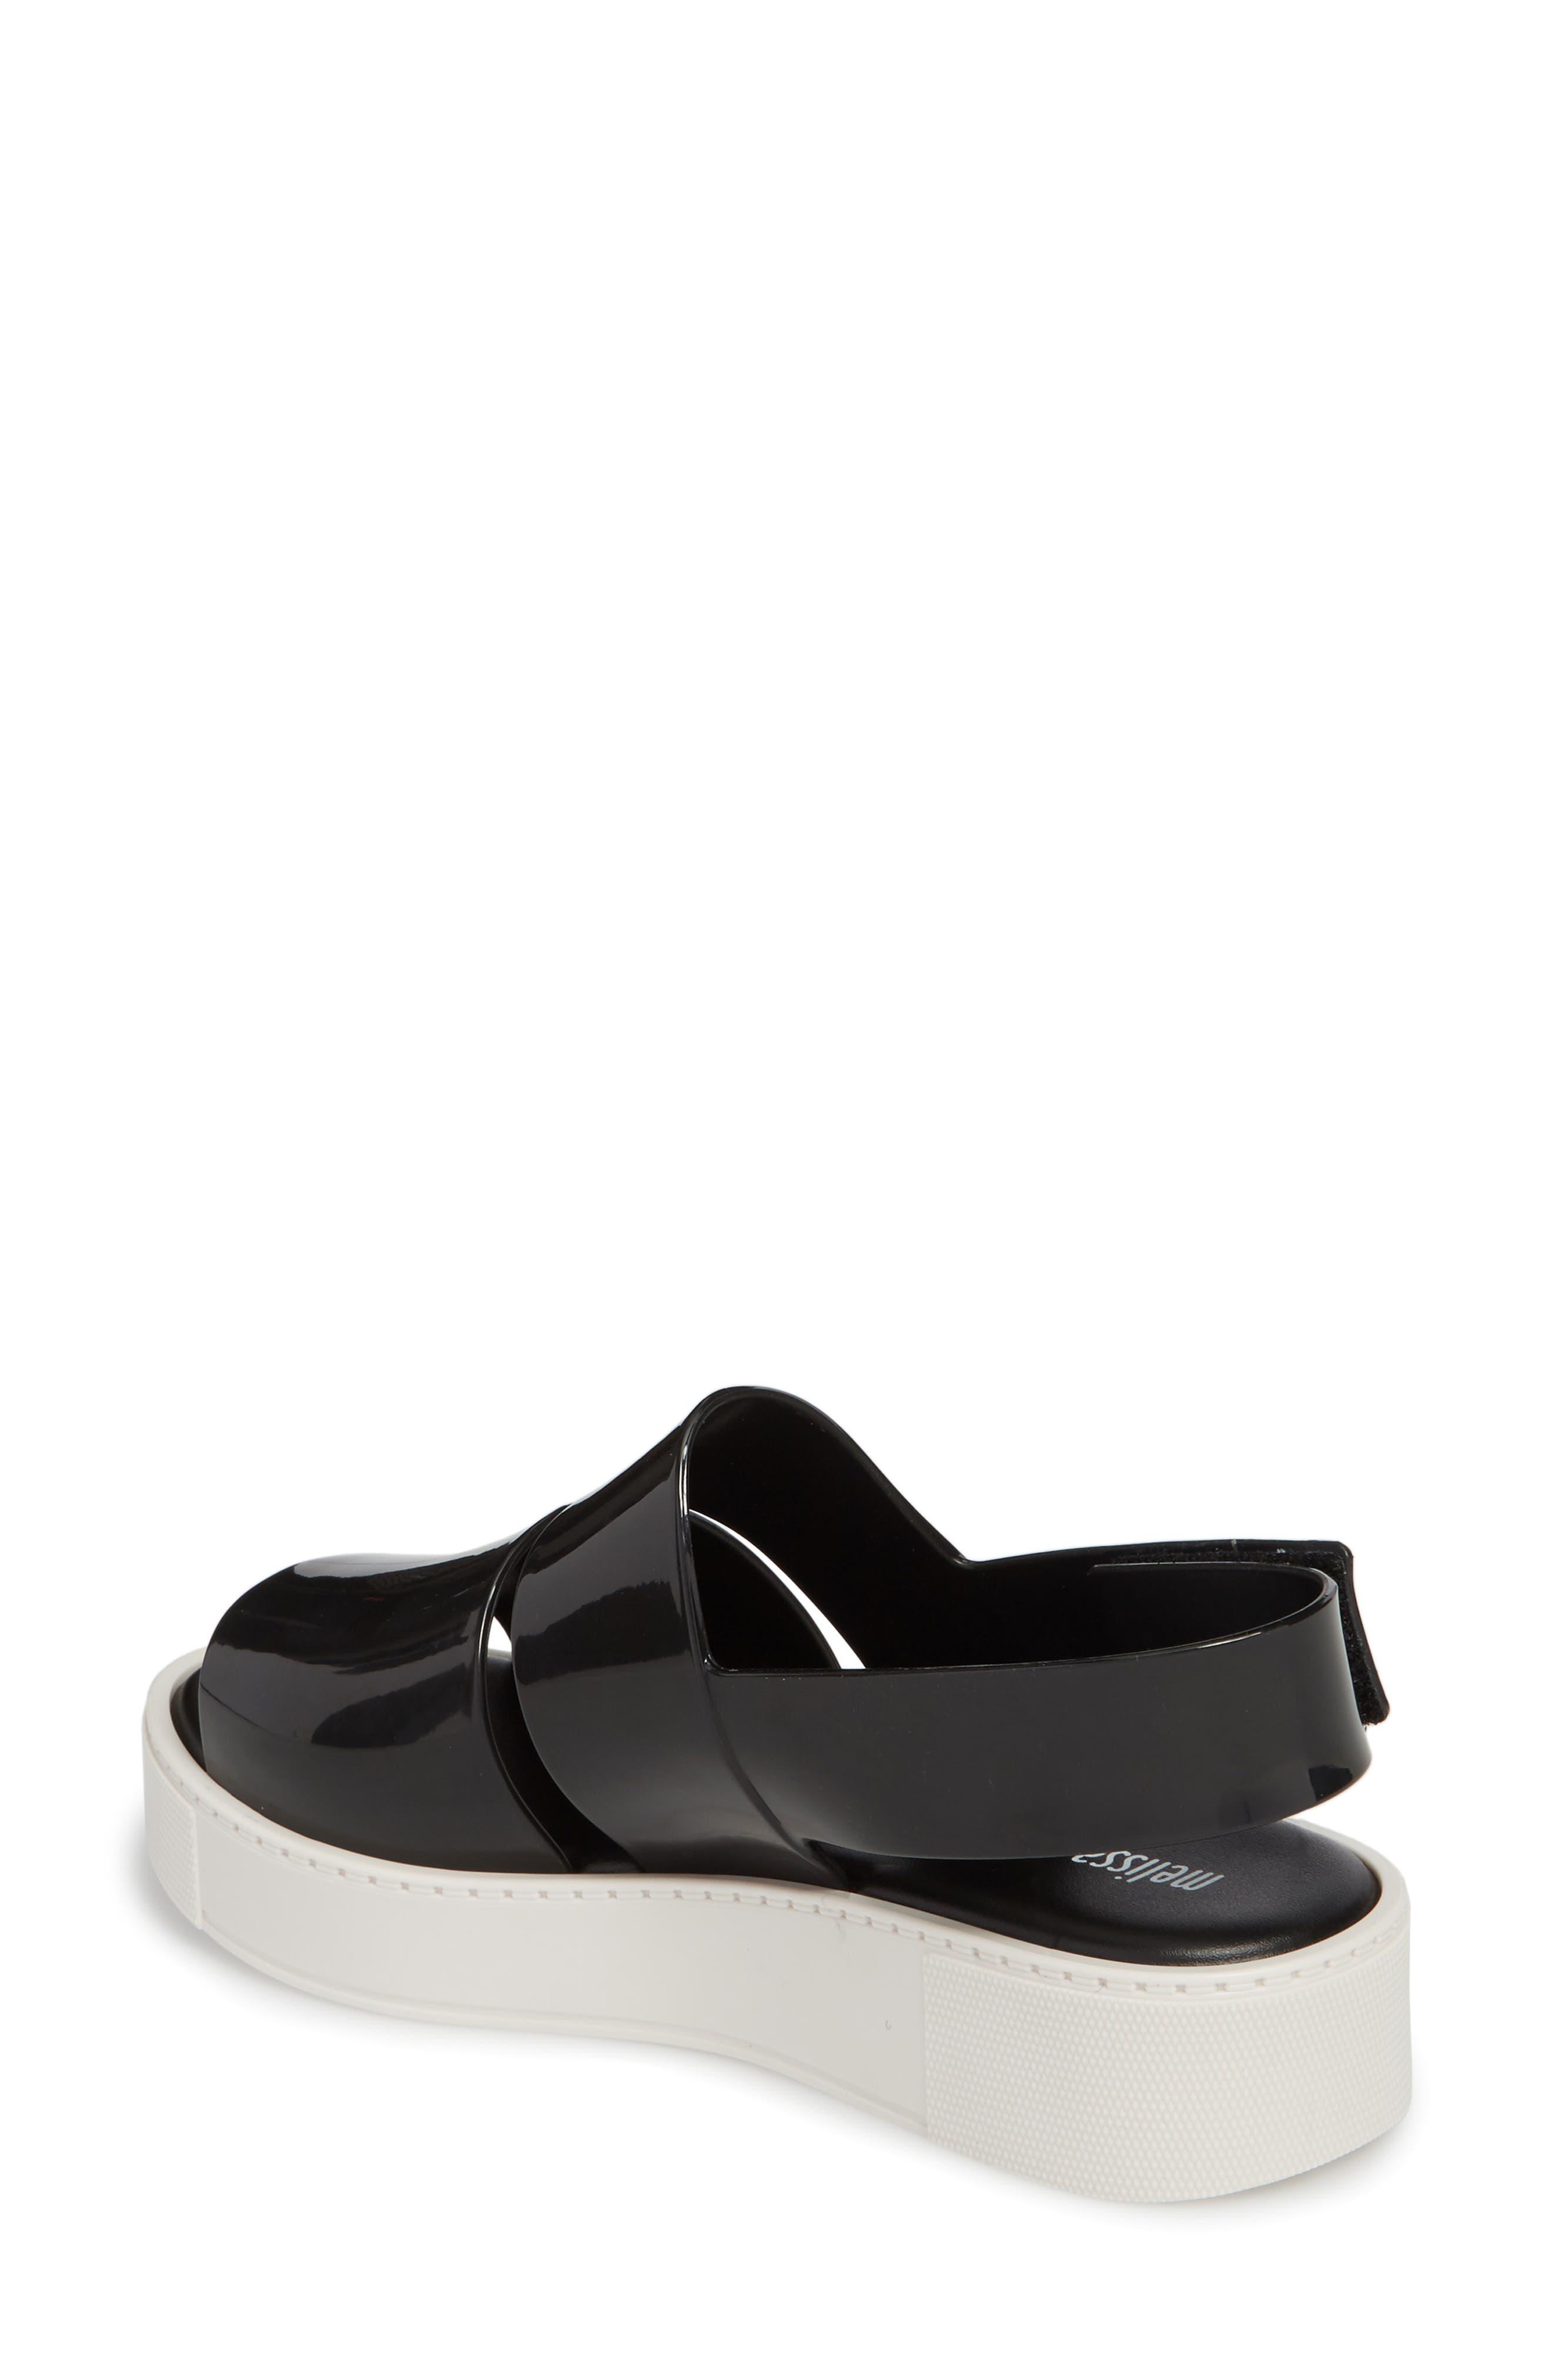 Alternate Image 2  - Melissa Soho Platform Sandal (Women)